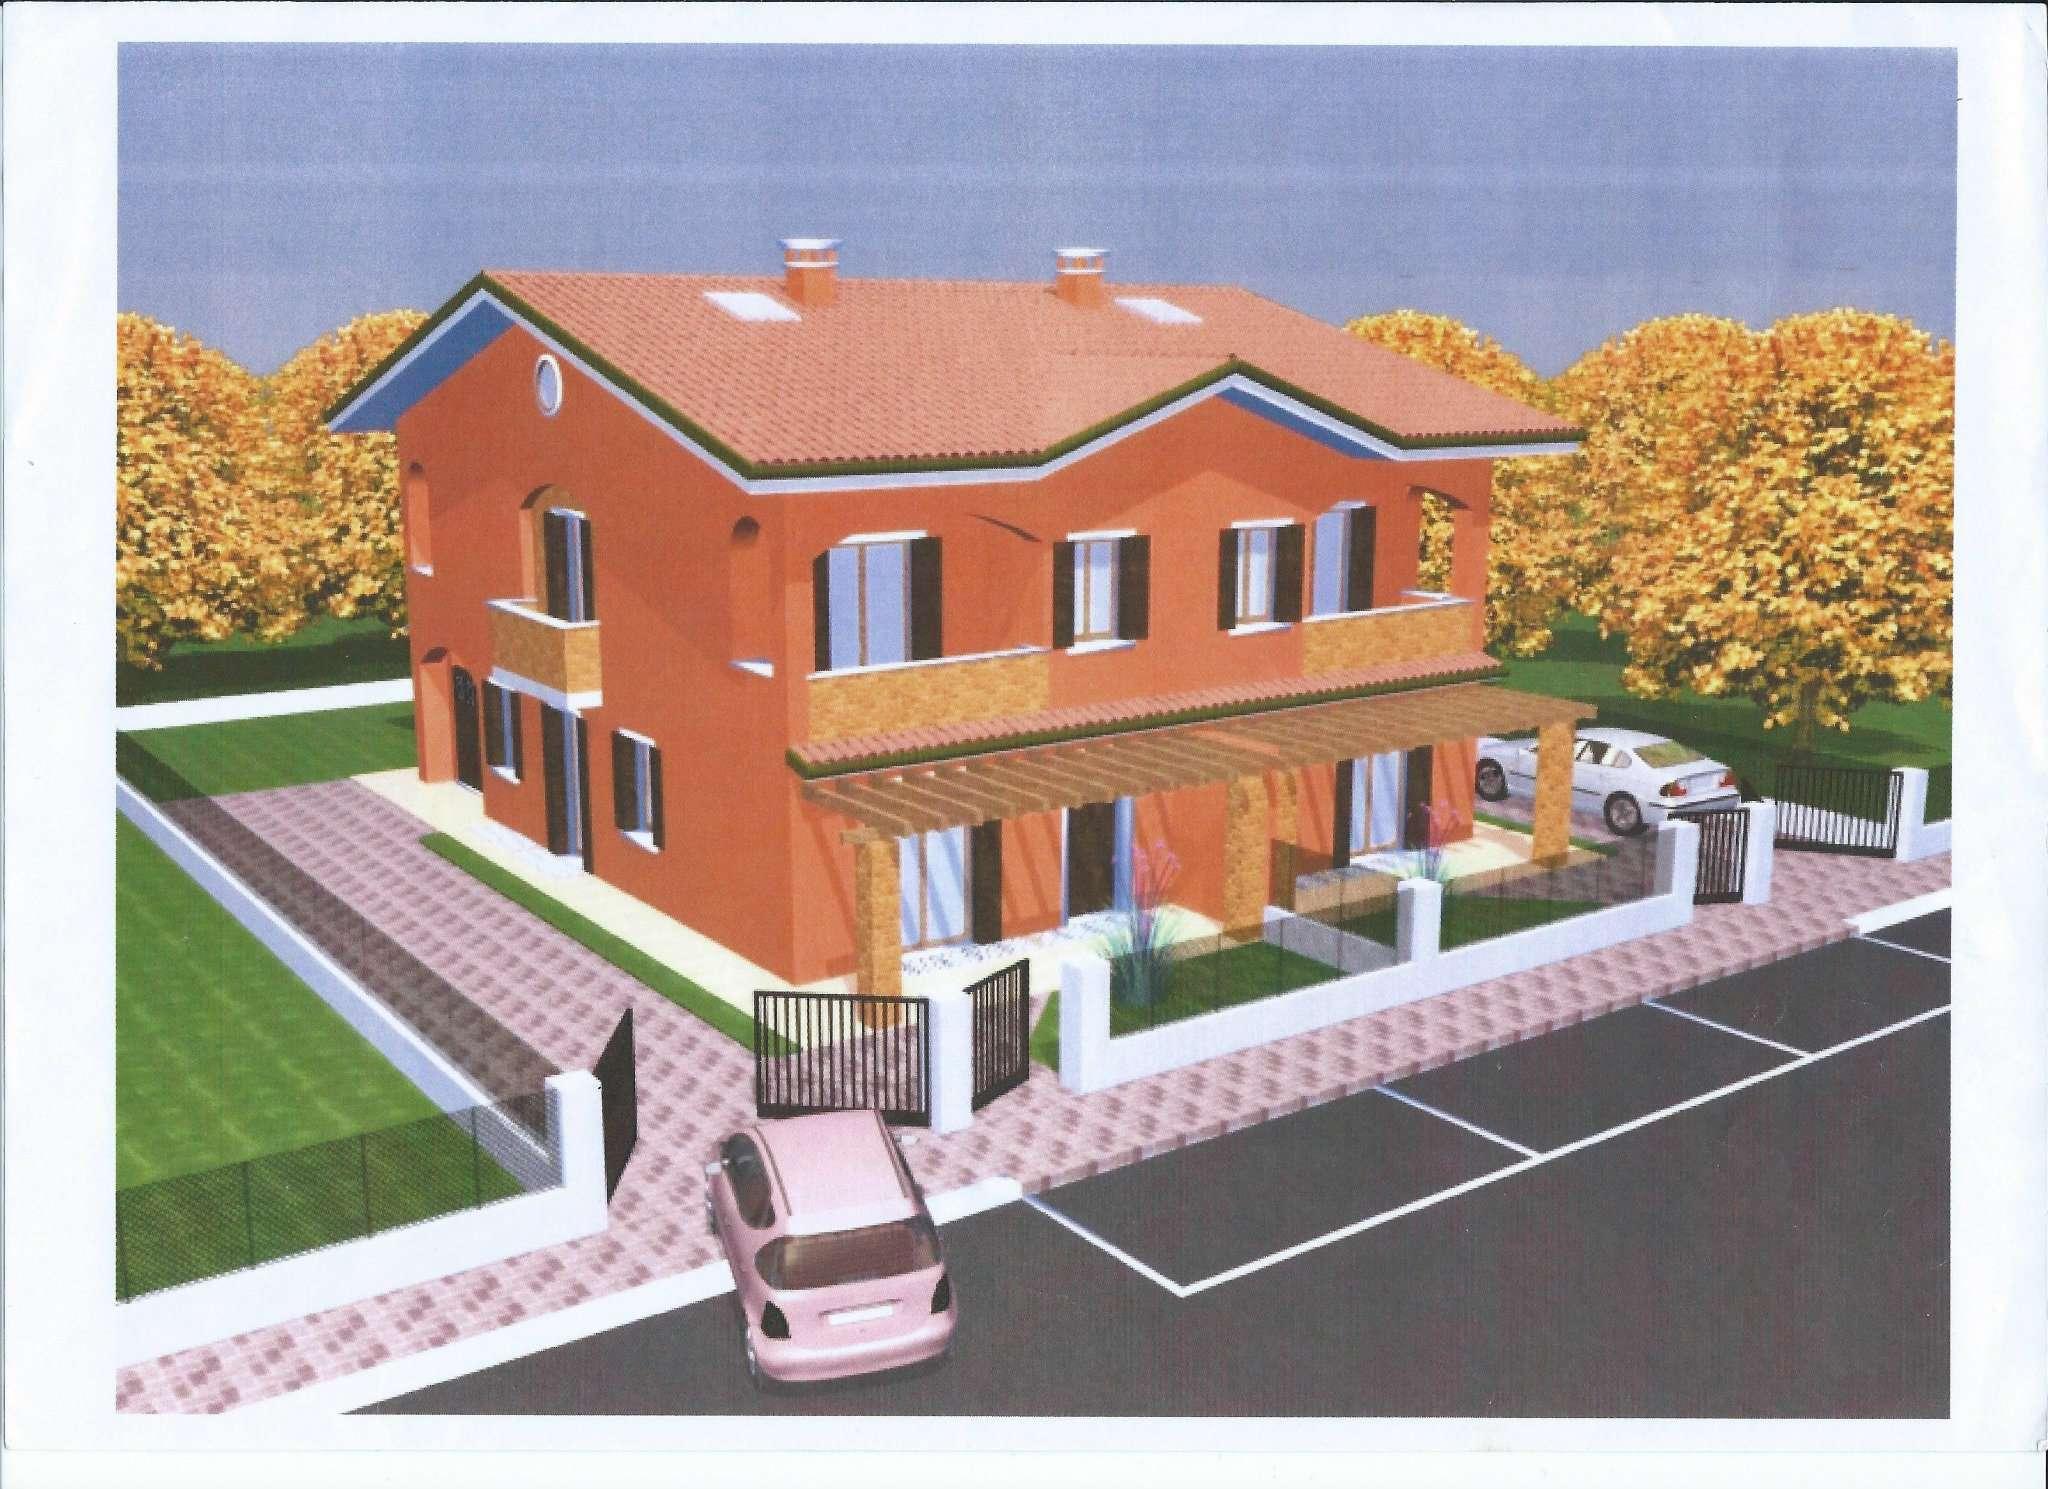 Terreno Edificabile Residenziale in vendita a Legnaro, 6 locali, prezzo € 115.000 | CambioCasa.it